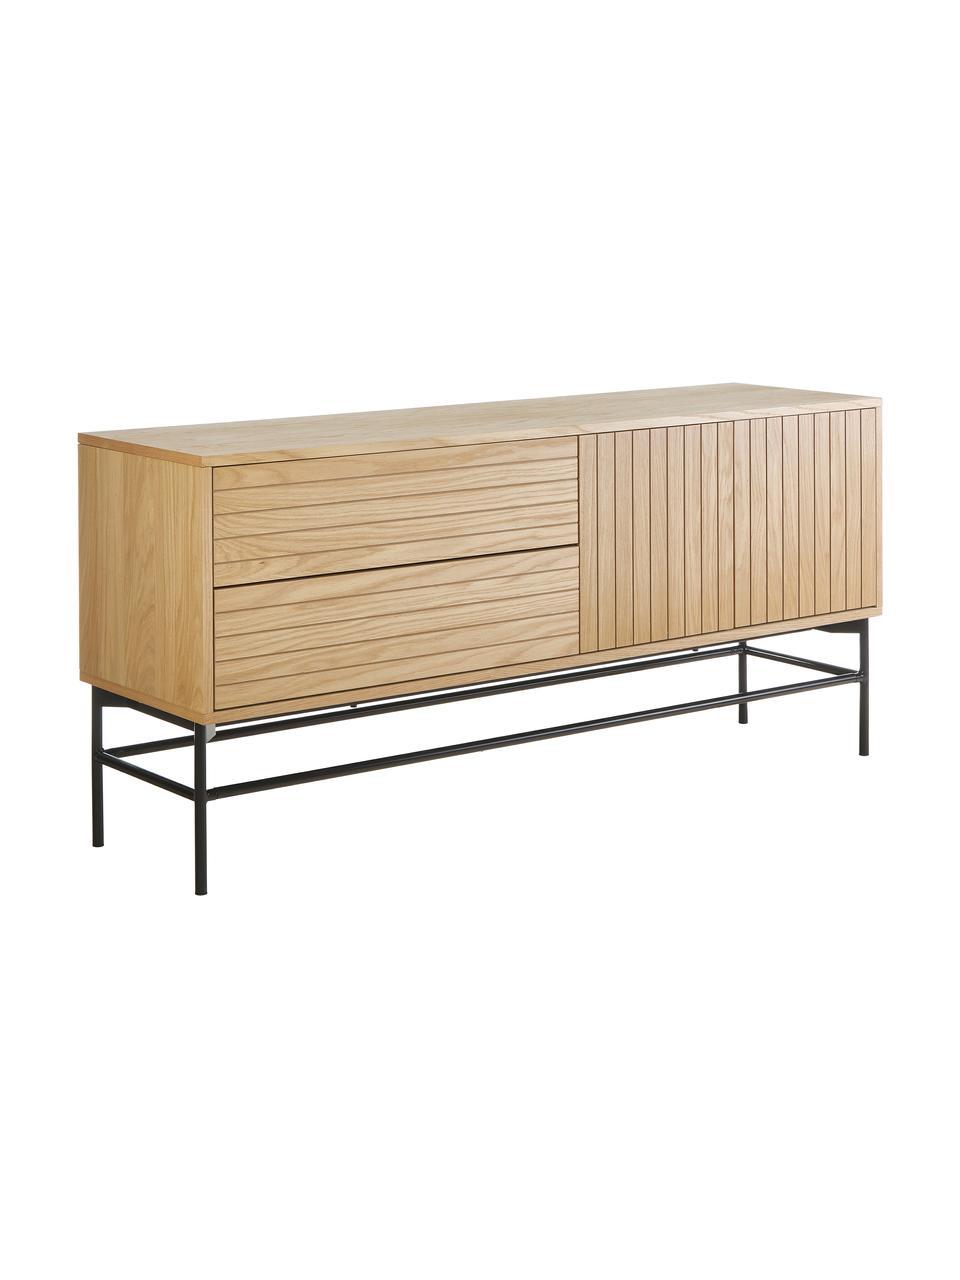 Credenza moderna con finitura in quercia e ante Johan, Piedini: metallo verniciato a polv, Marrone chiaro, Larg. 160 x Alt. 75 cm